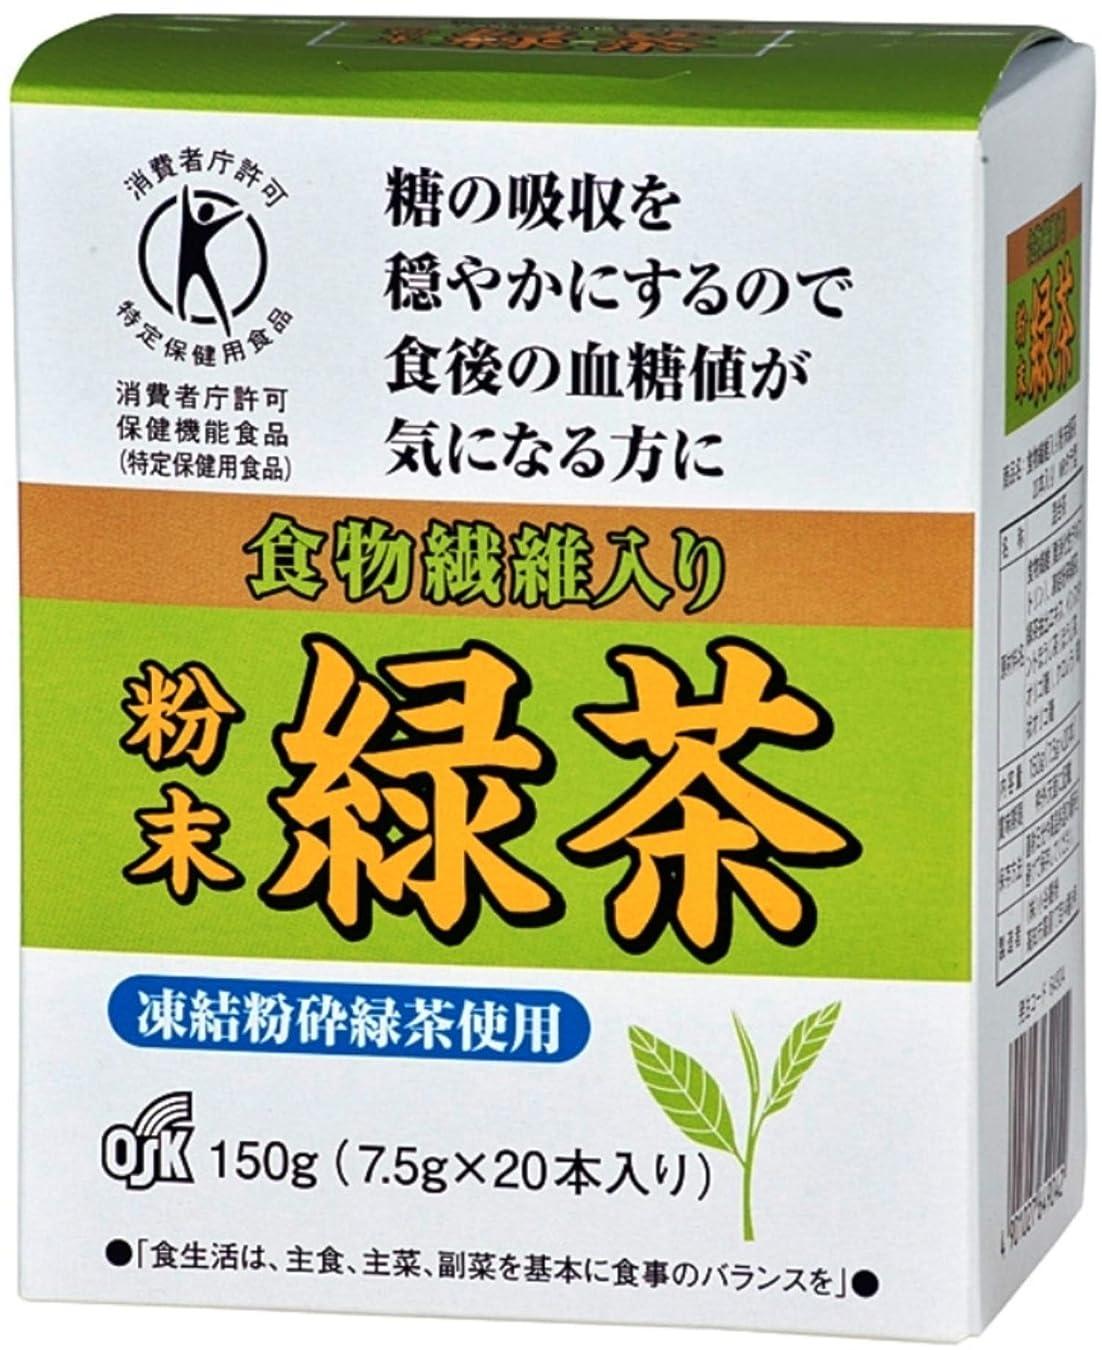 粘着性一口言うまでもなく[トクホ]OSK 食物繊維入り 粉末緑茶 7.5g×20本入り